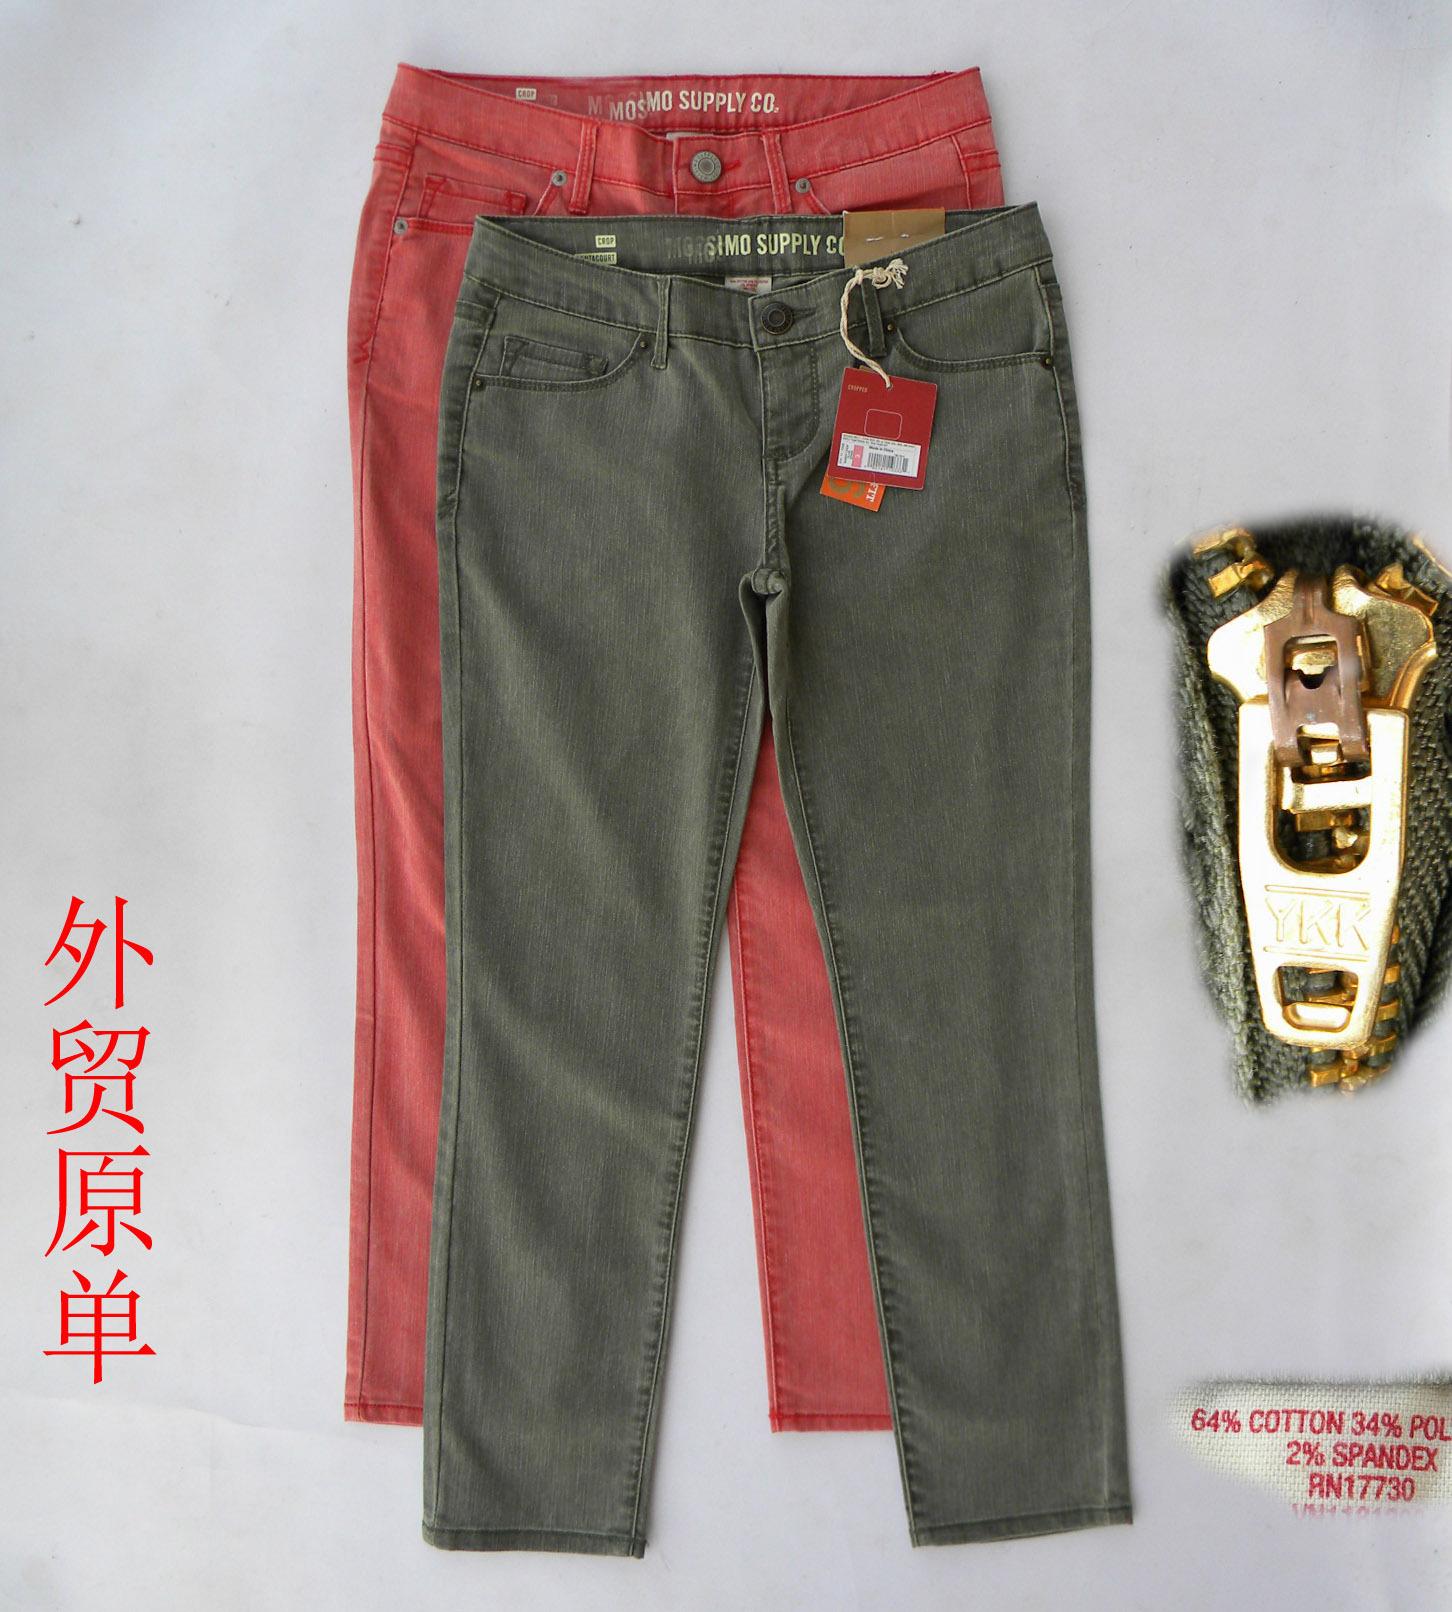 欧美外贸原单女裤女式牛仔裤薄款低腰直筒裤九分裤